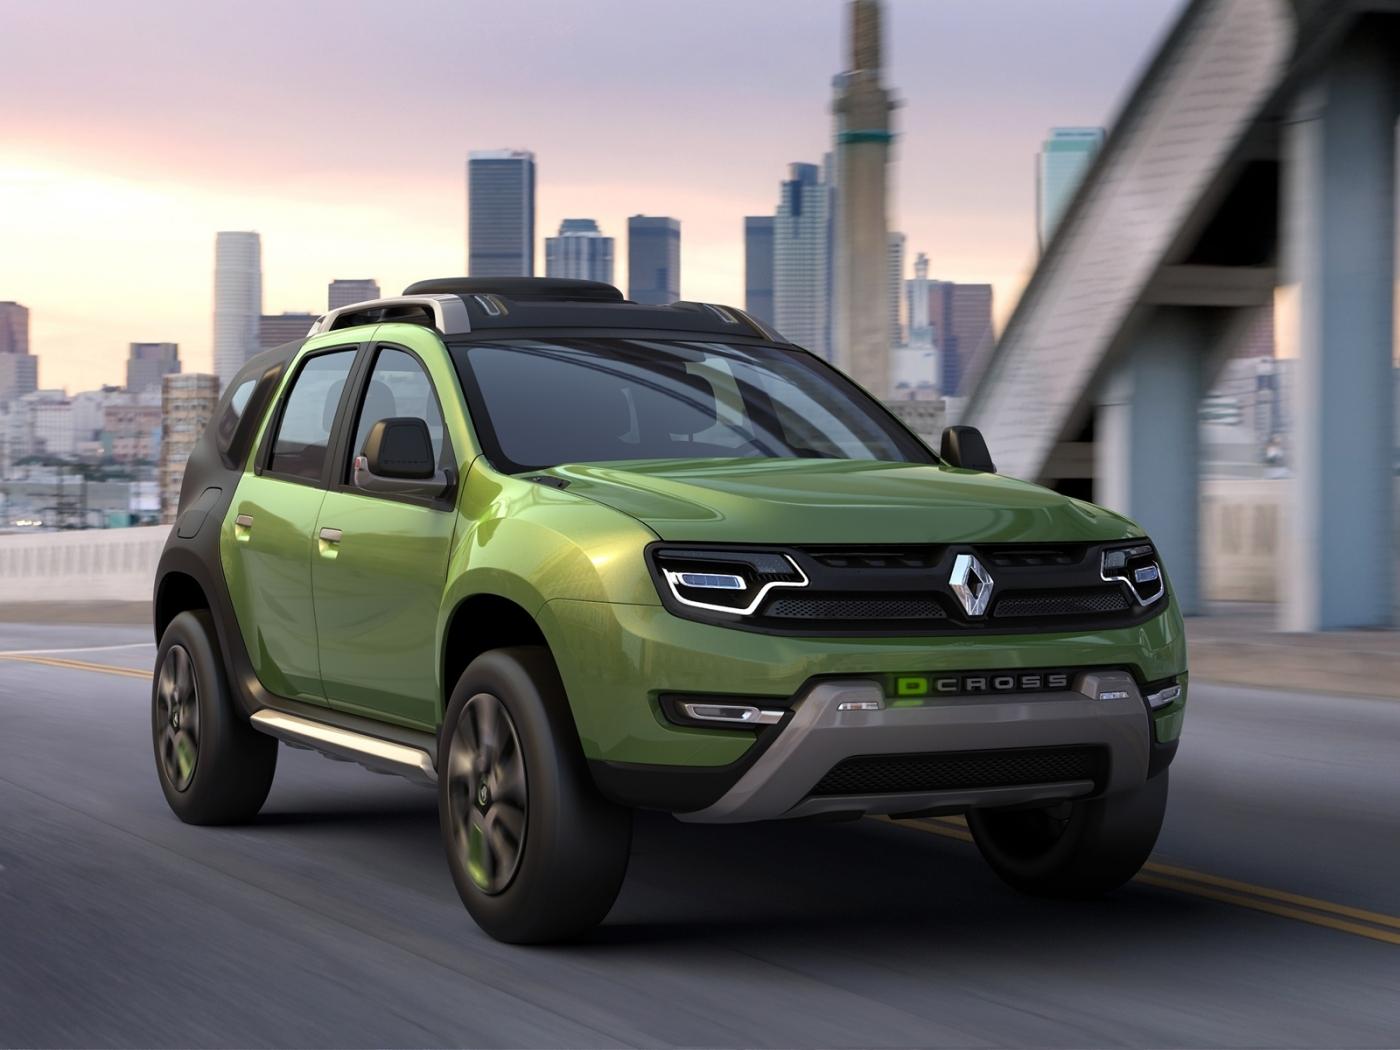 43823 Hintergrundbild herunterladen Transport, Auto, Renault - Bildschirmschoner und Bilder kostenlos